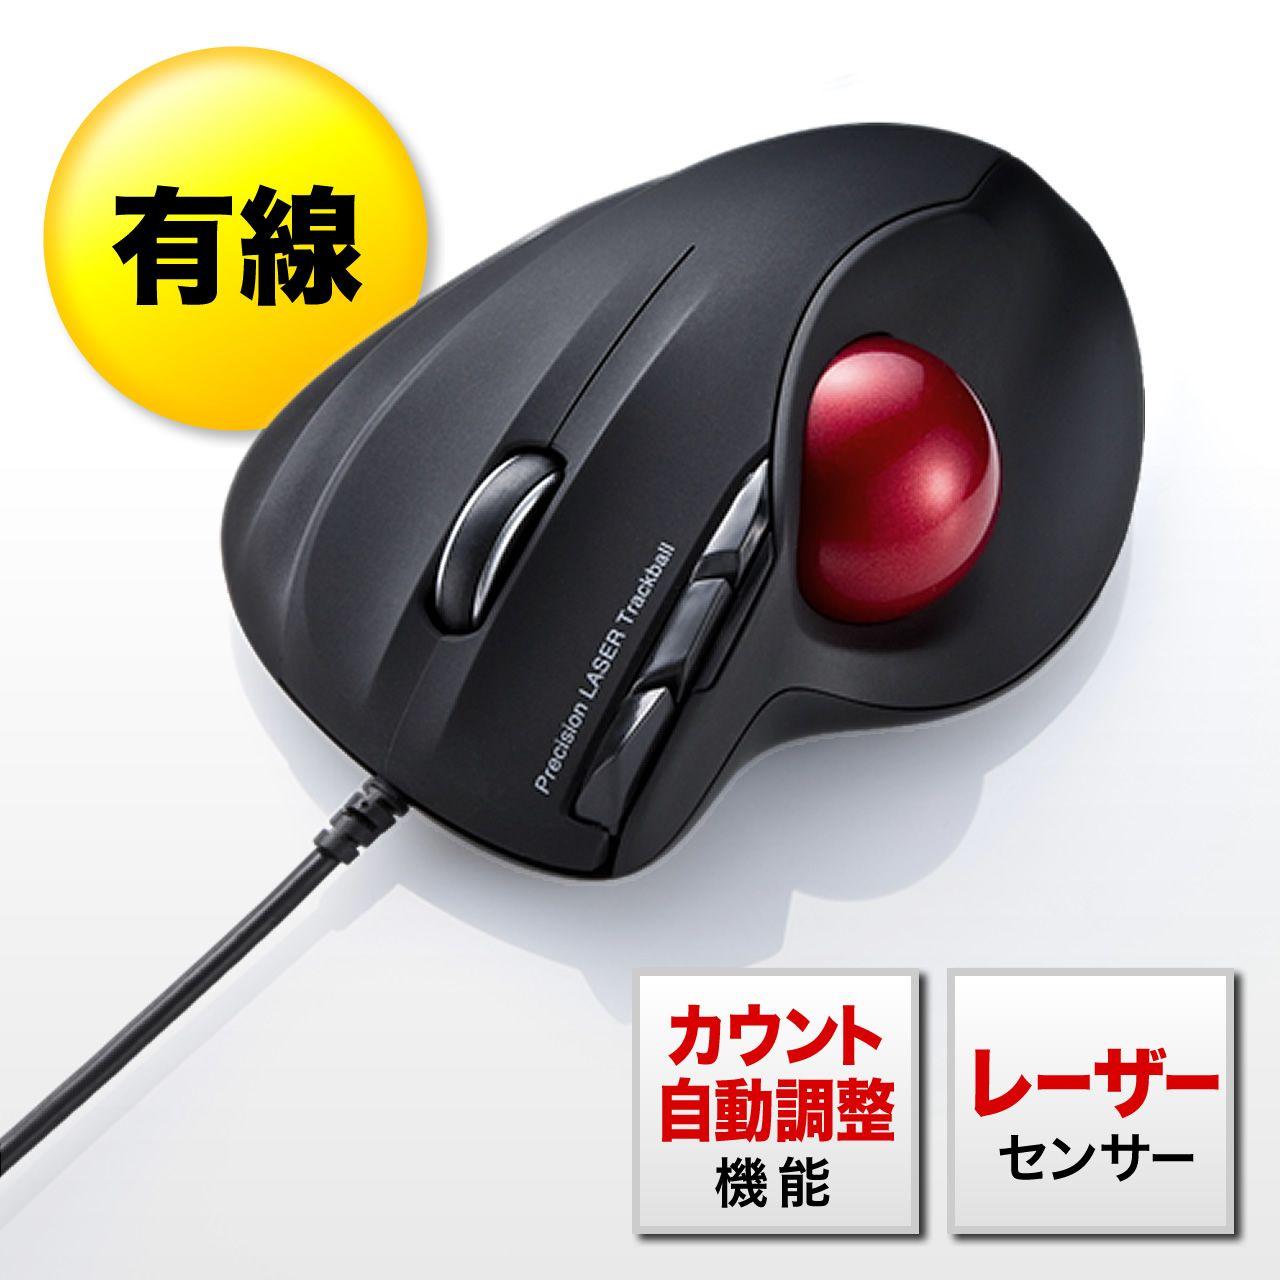 【新商品】エルゴノミクス形状で長時間使っても疲れにくい、親指操作のトラックボール。戻る・進むボタン付で、WEB閲覧がスムーズに行える。マウスカーソルのスピードをマウスカーソルのスピードを自動で切り替えるカウント自動調整機能付きのトラックボールマウス。【WEB限定商品】